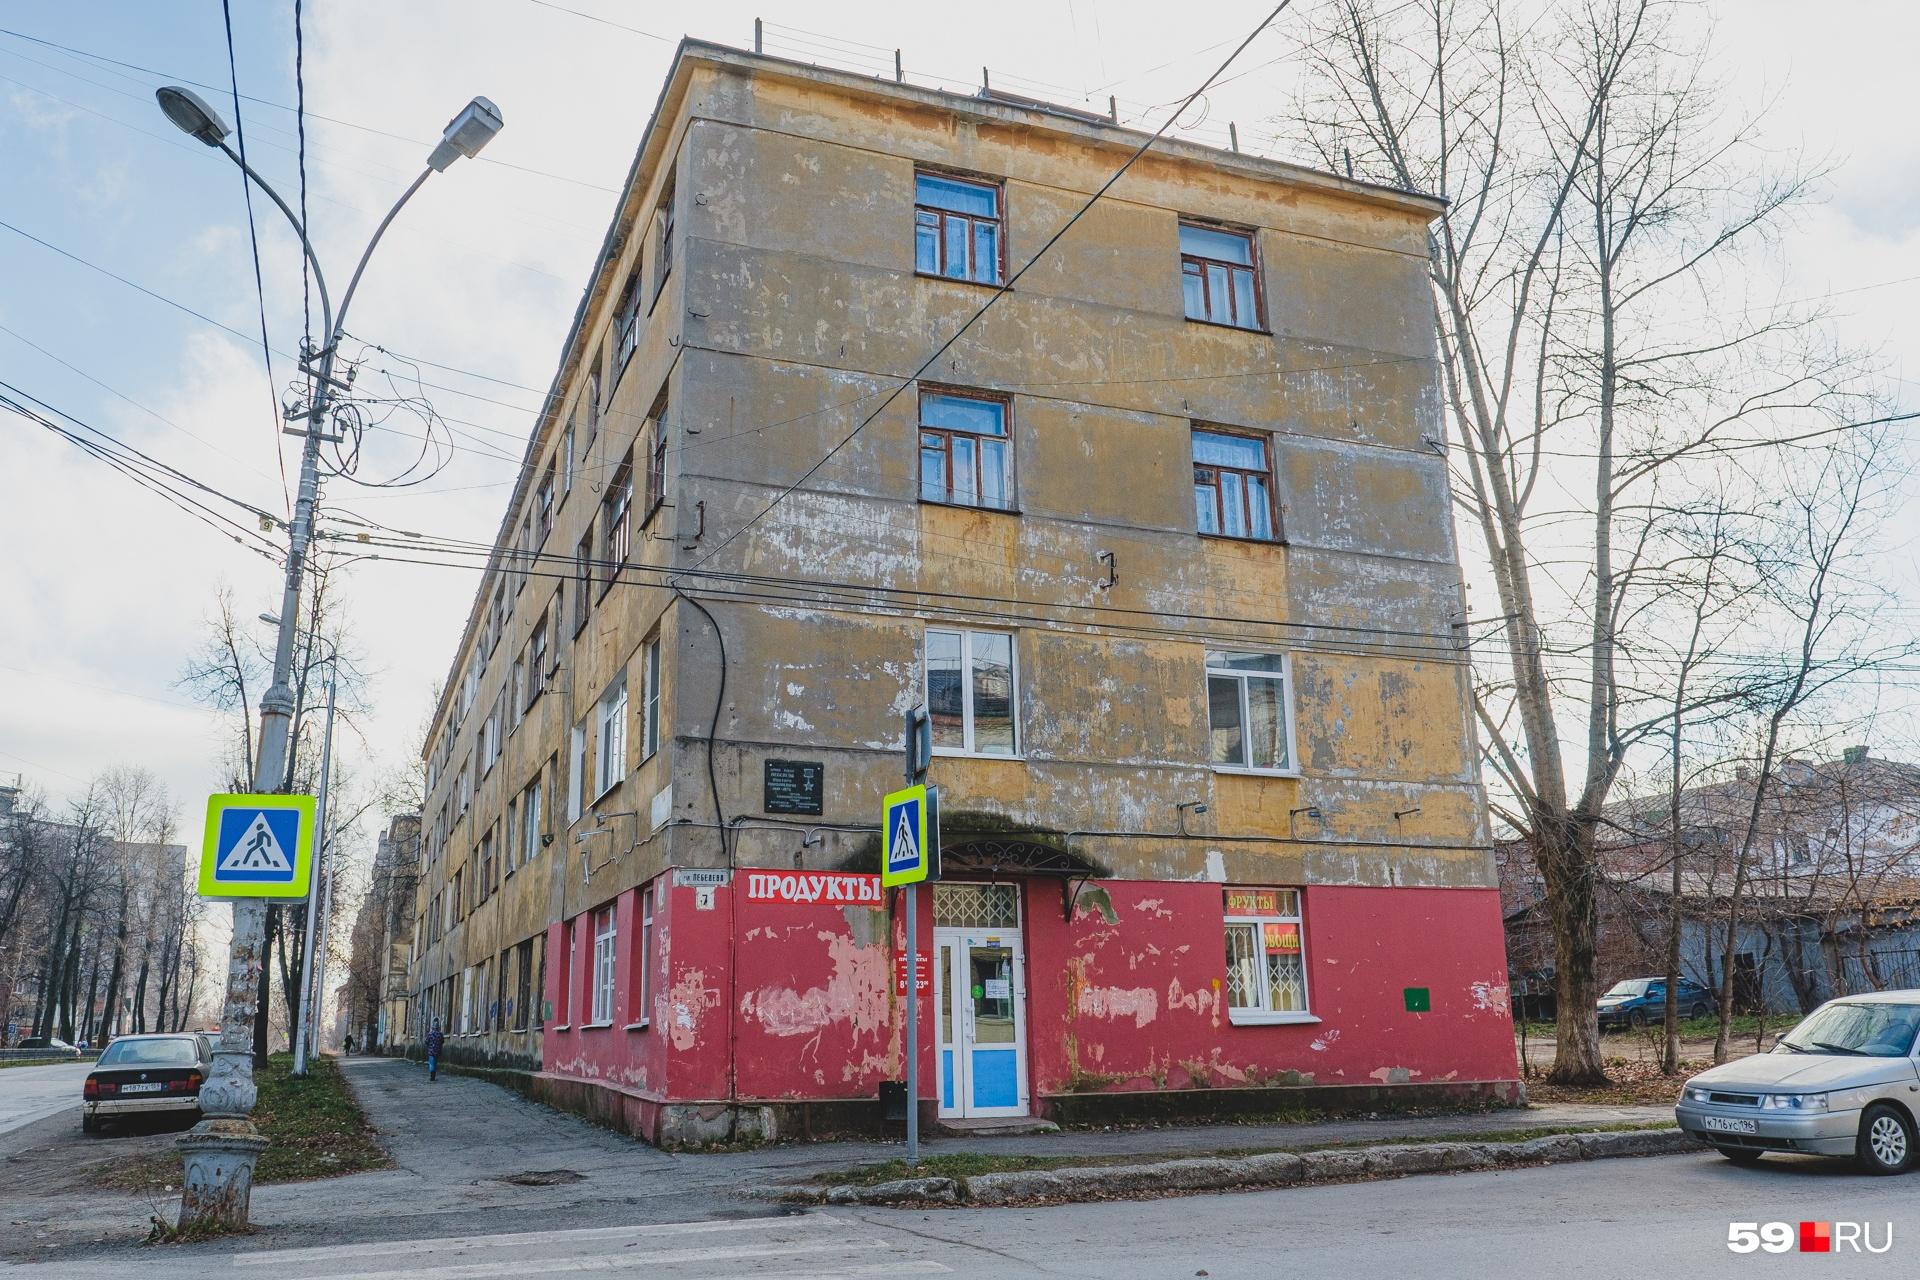 Дом, где жил Лебедев